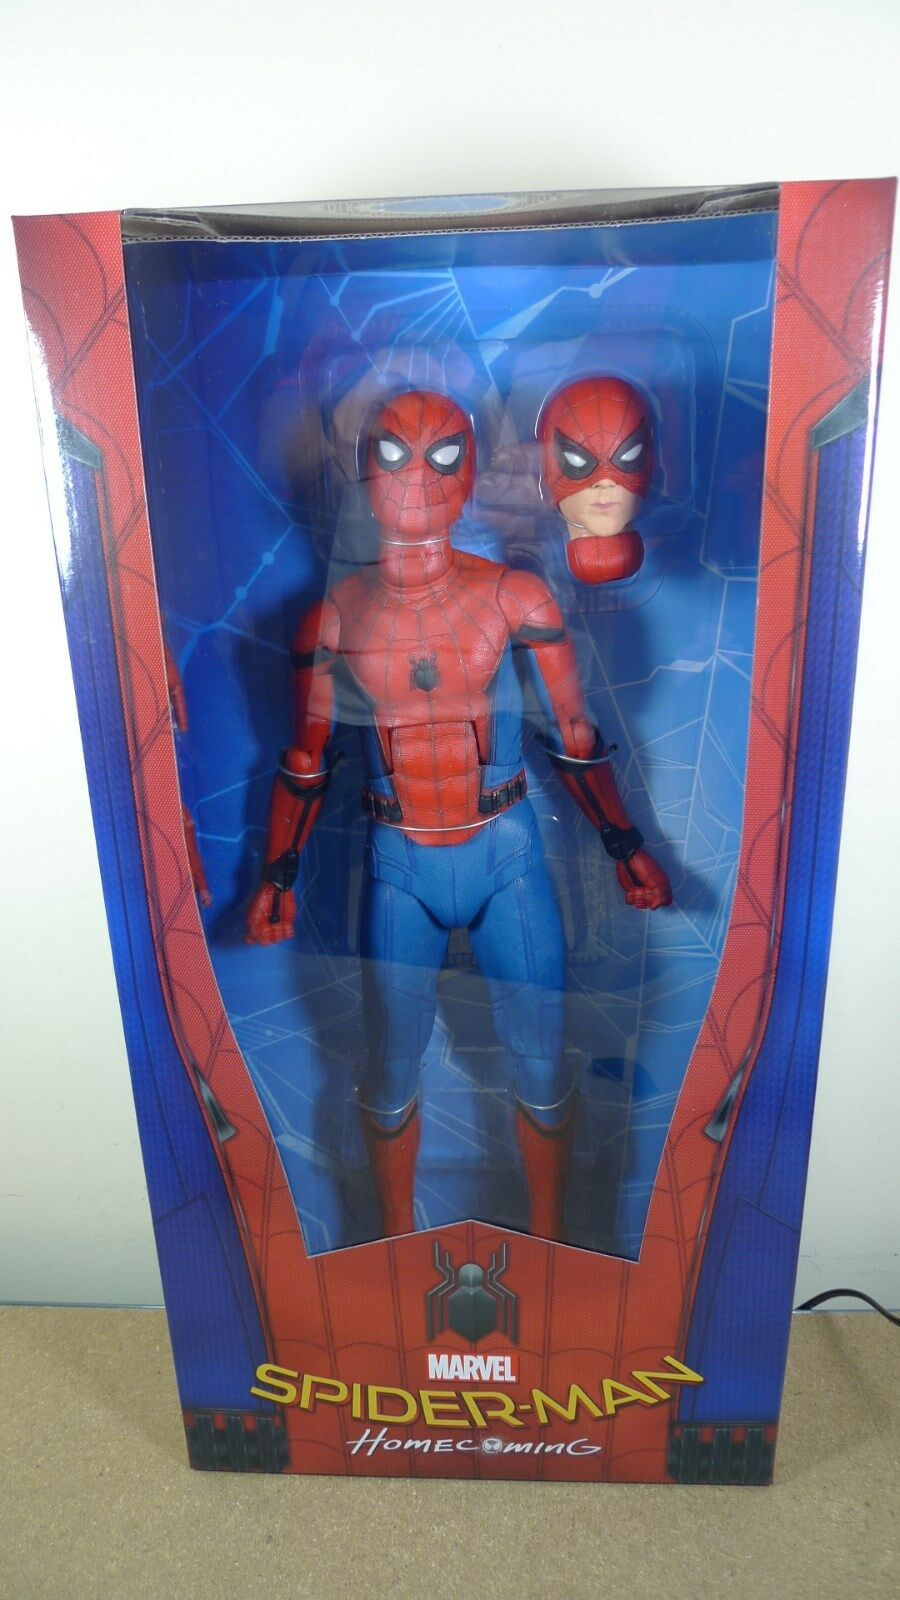 Neca 1 4 Escala Spider-Man regreso a casa MARVEL Comics Acción Figura En Stock